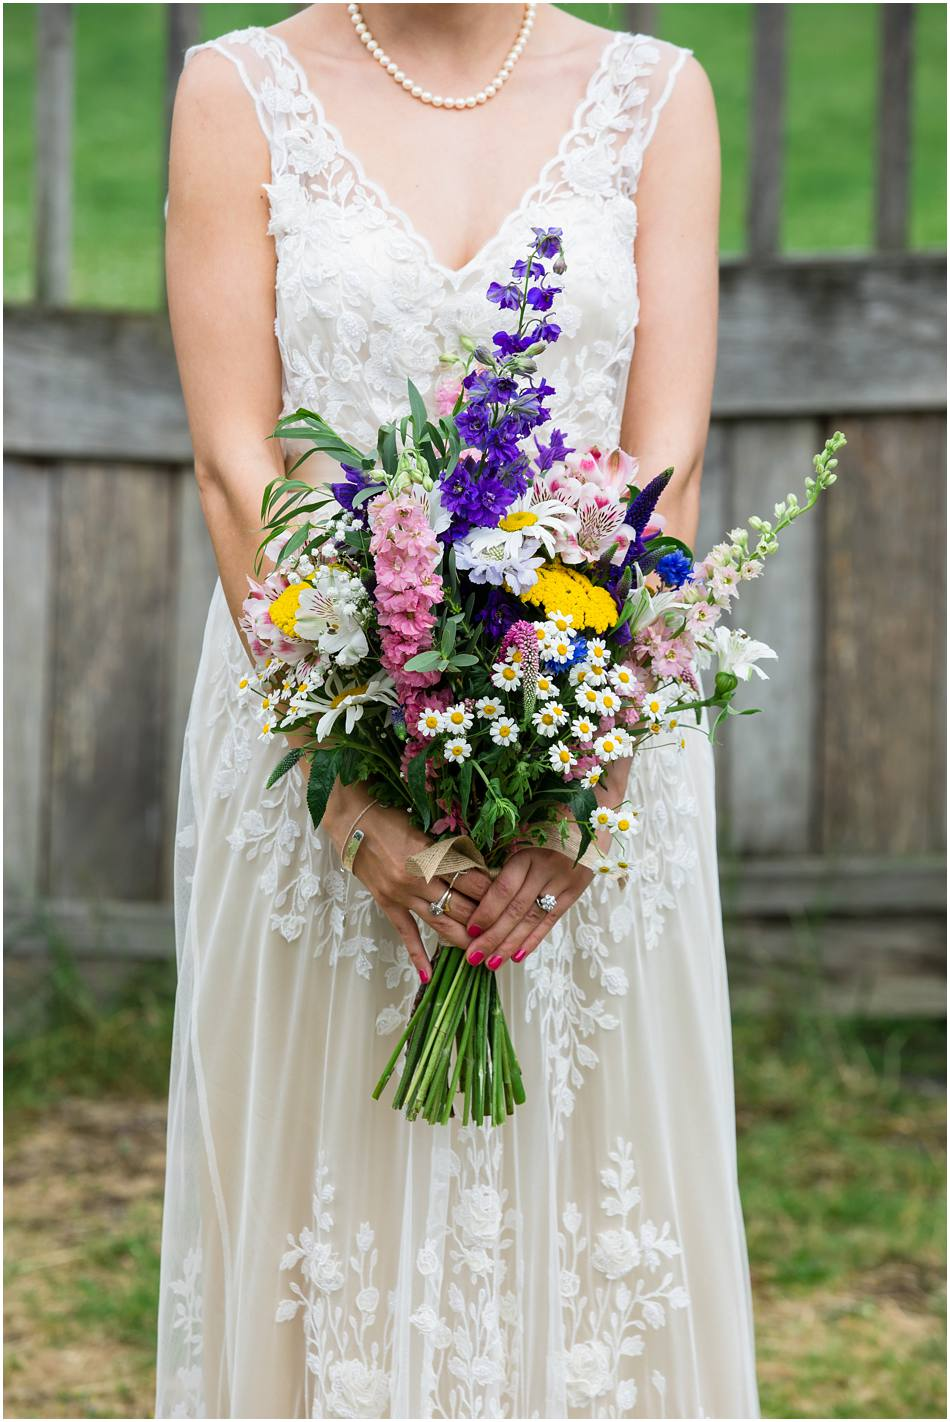 Boho Wedding Dress West Midlands : Of west midlands wedding photographer jo hastings photography